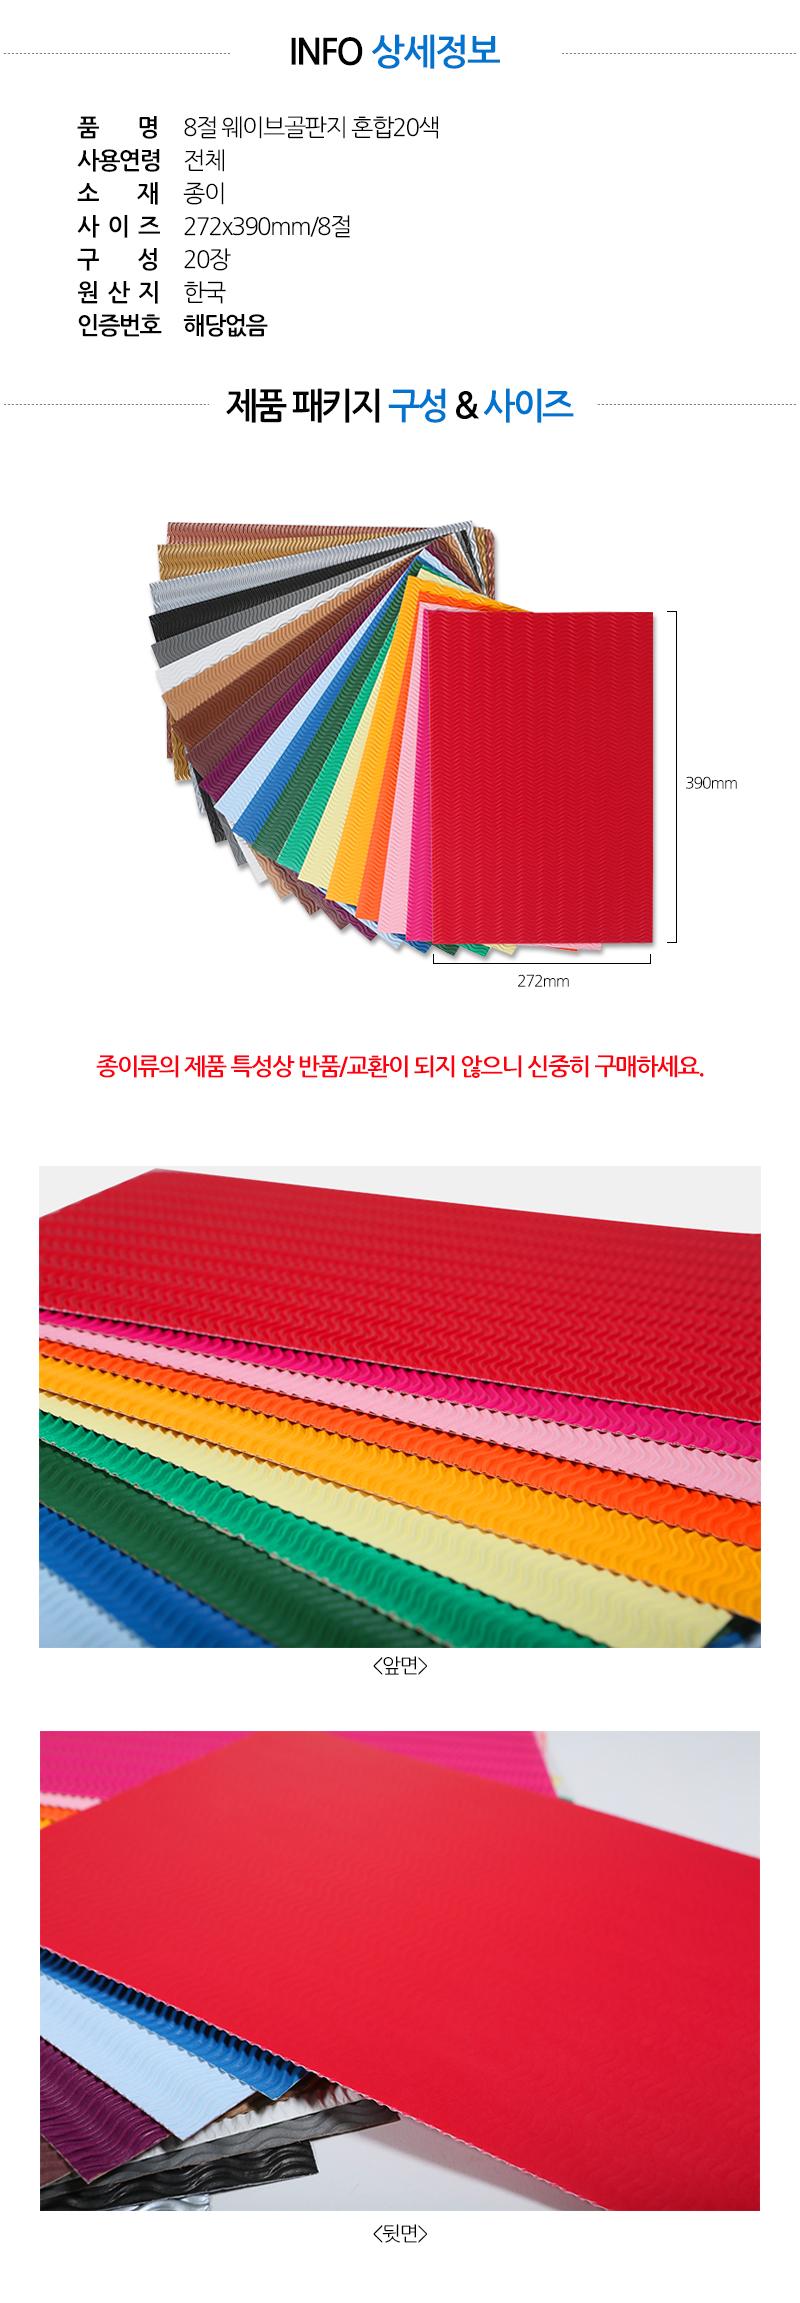 8절 웨이브골판지 혼합20색 - 킹콩박스, 11,000원, 화방지류, 디자인보드